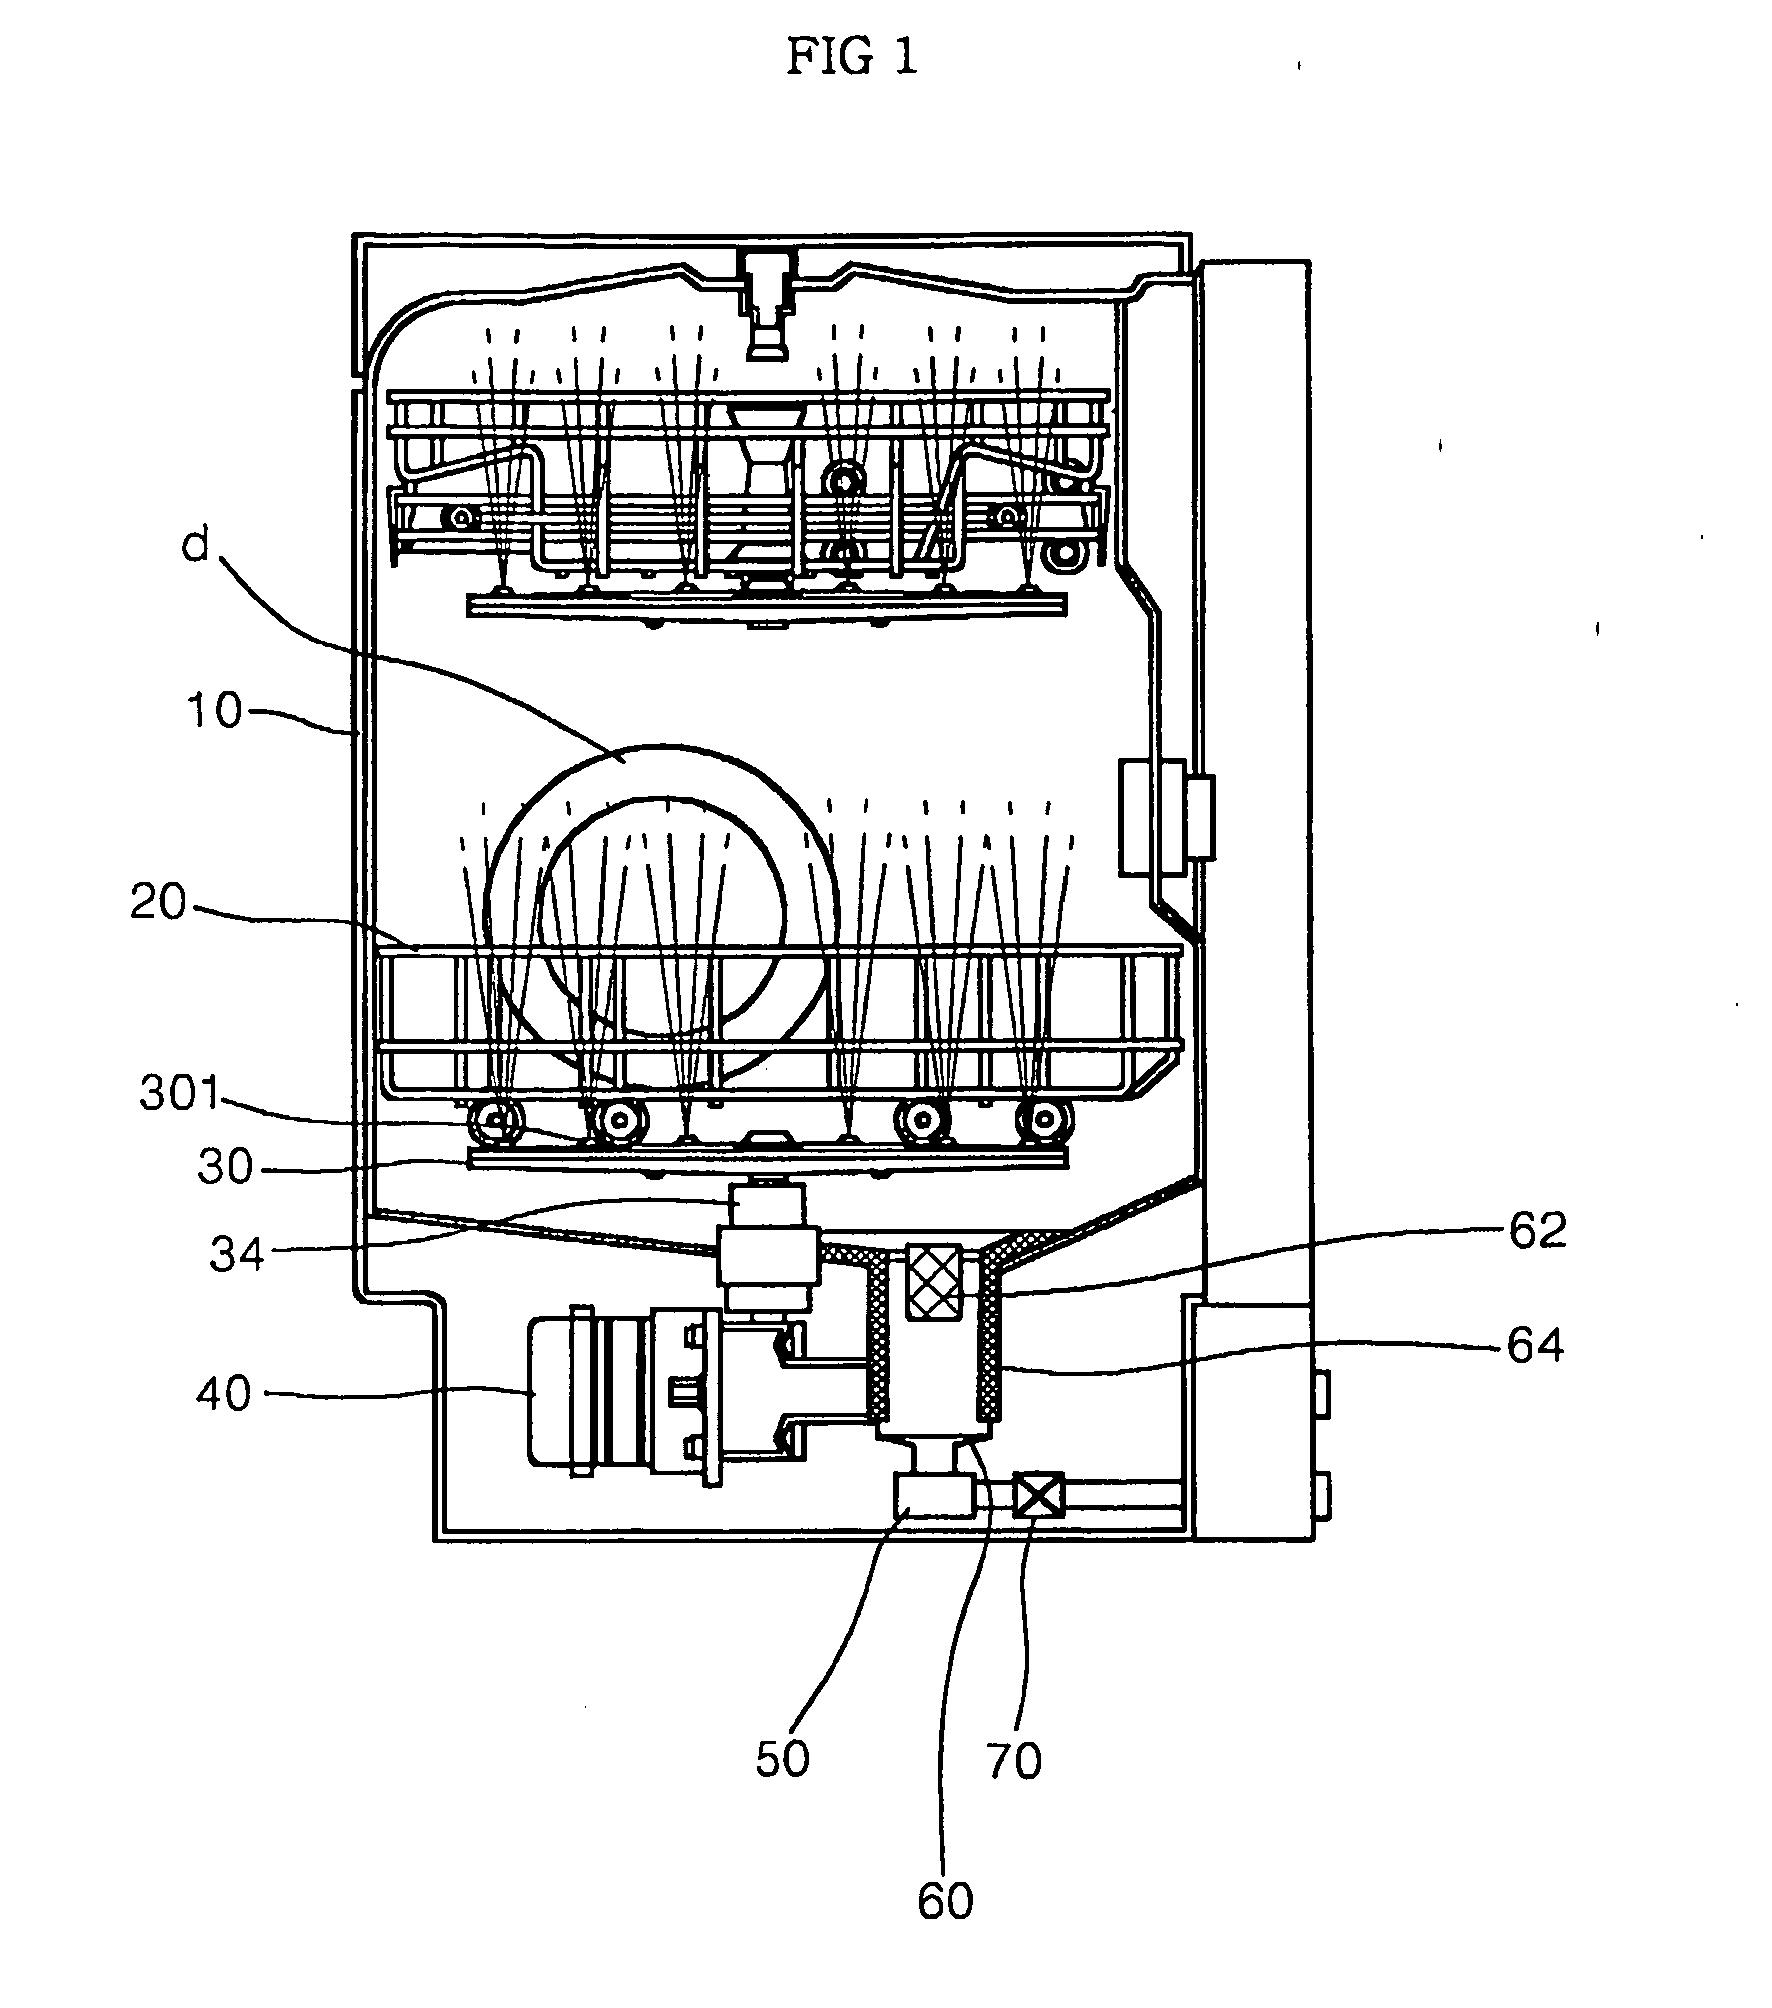 patent ep1256307b1 aufbau der fl ssigkeitsdurchg nge in einer sp lmaschine google patentsuche. Black Bedroom Furniture Sets. Home Design Ideas